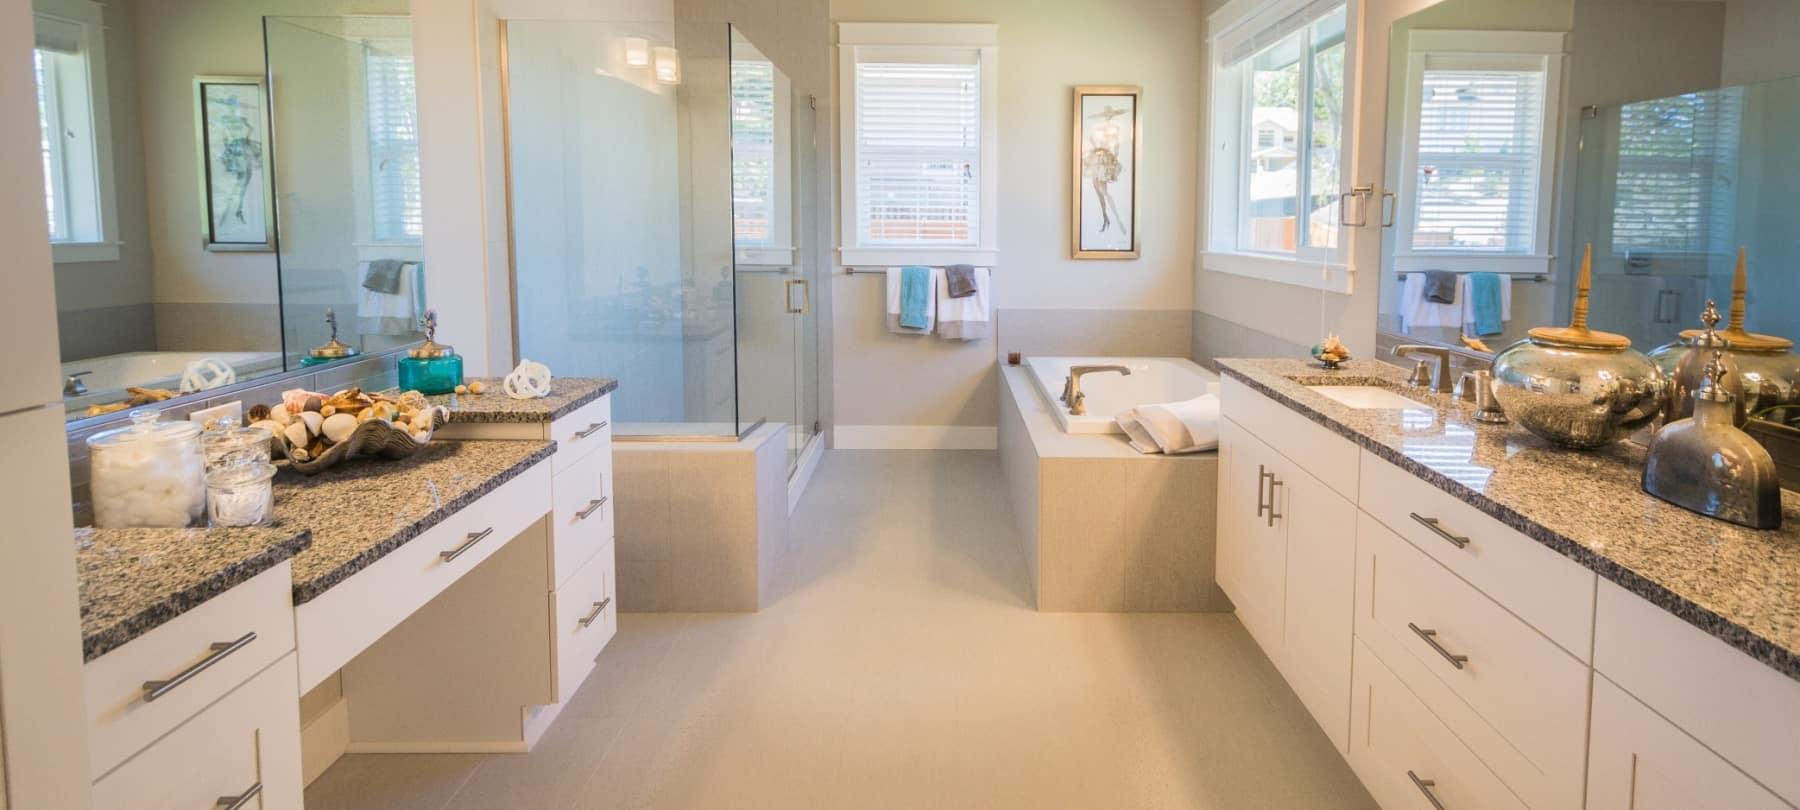 Bathroom & Kitchen Plumbing